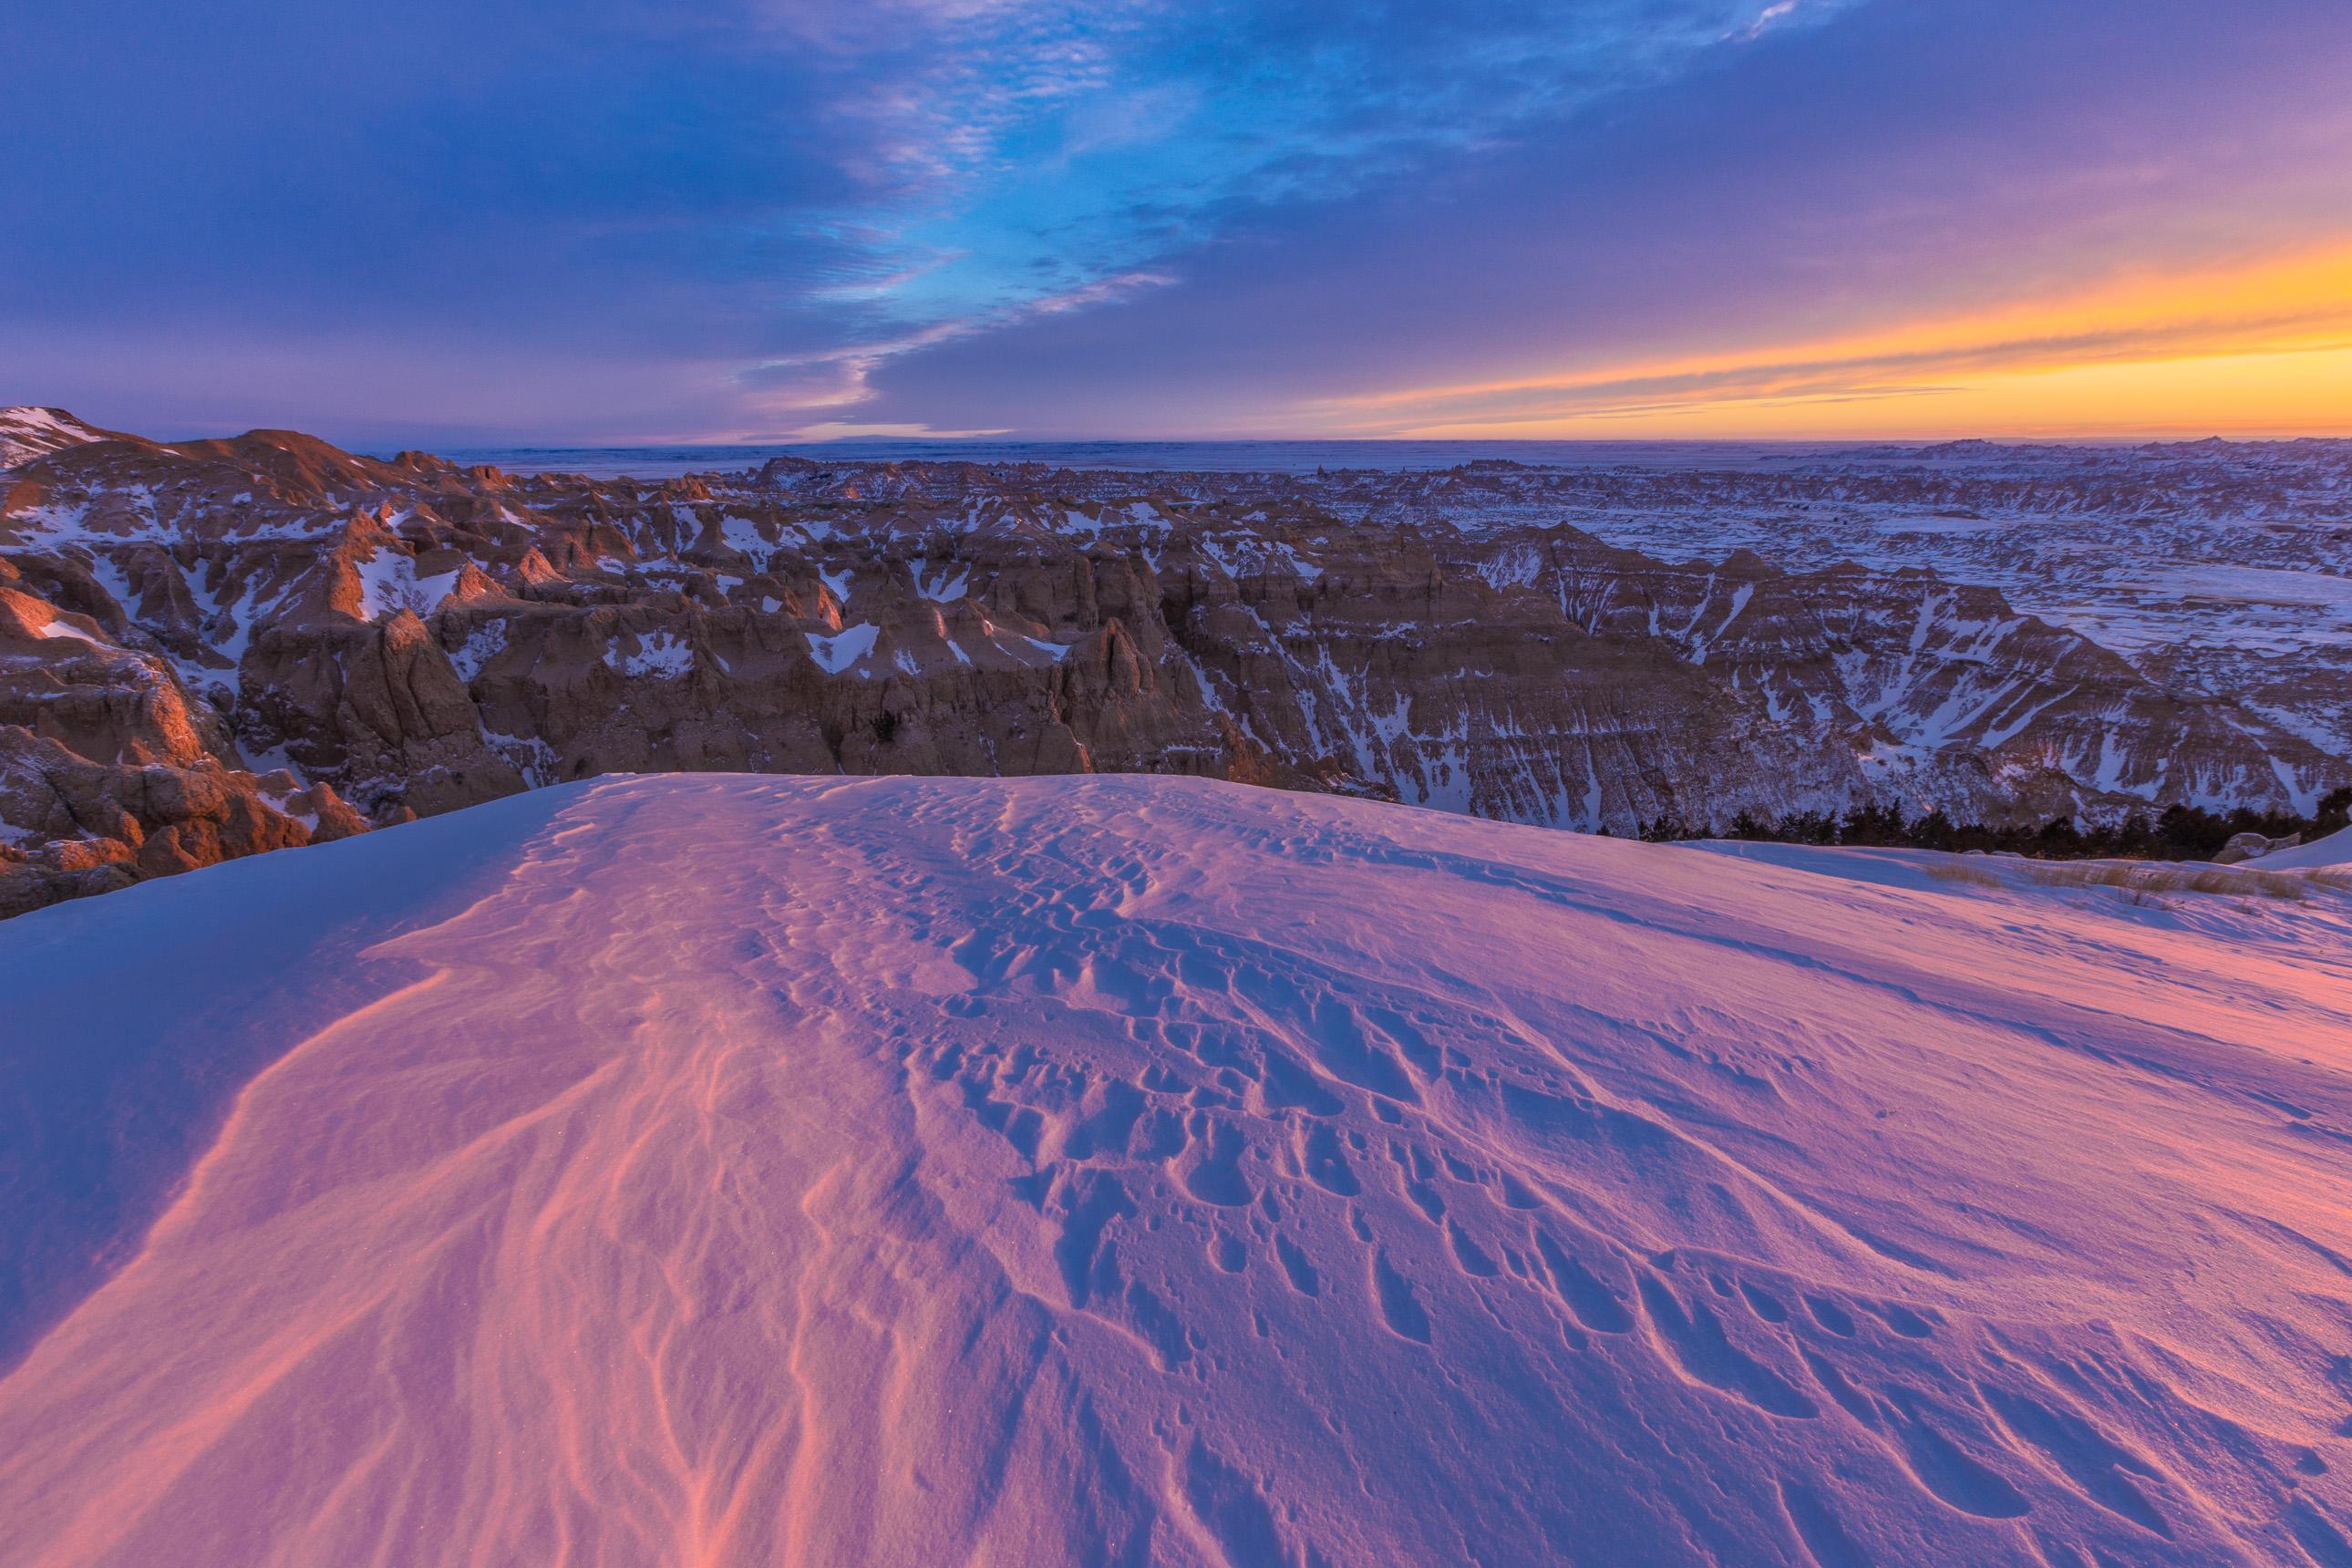 Winter sunset at Badlands National Park